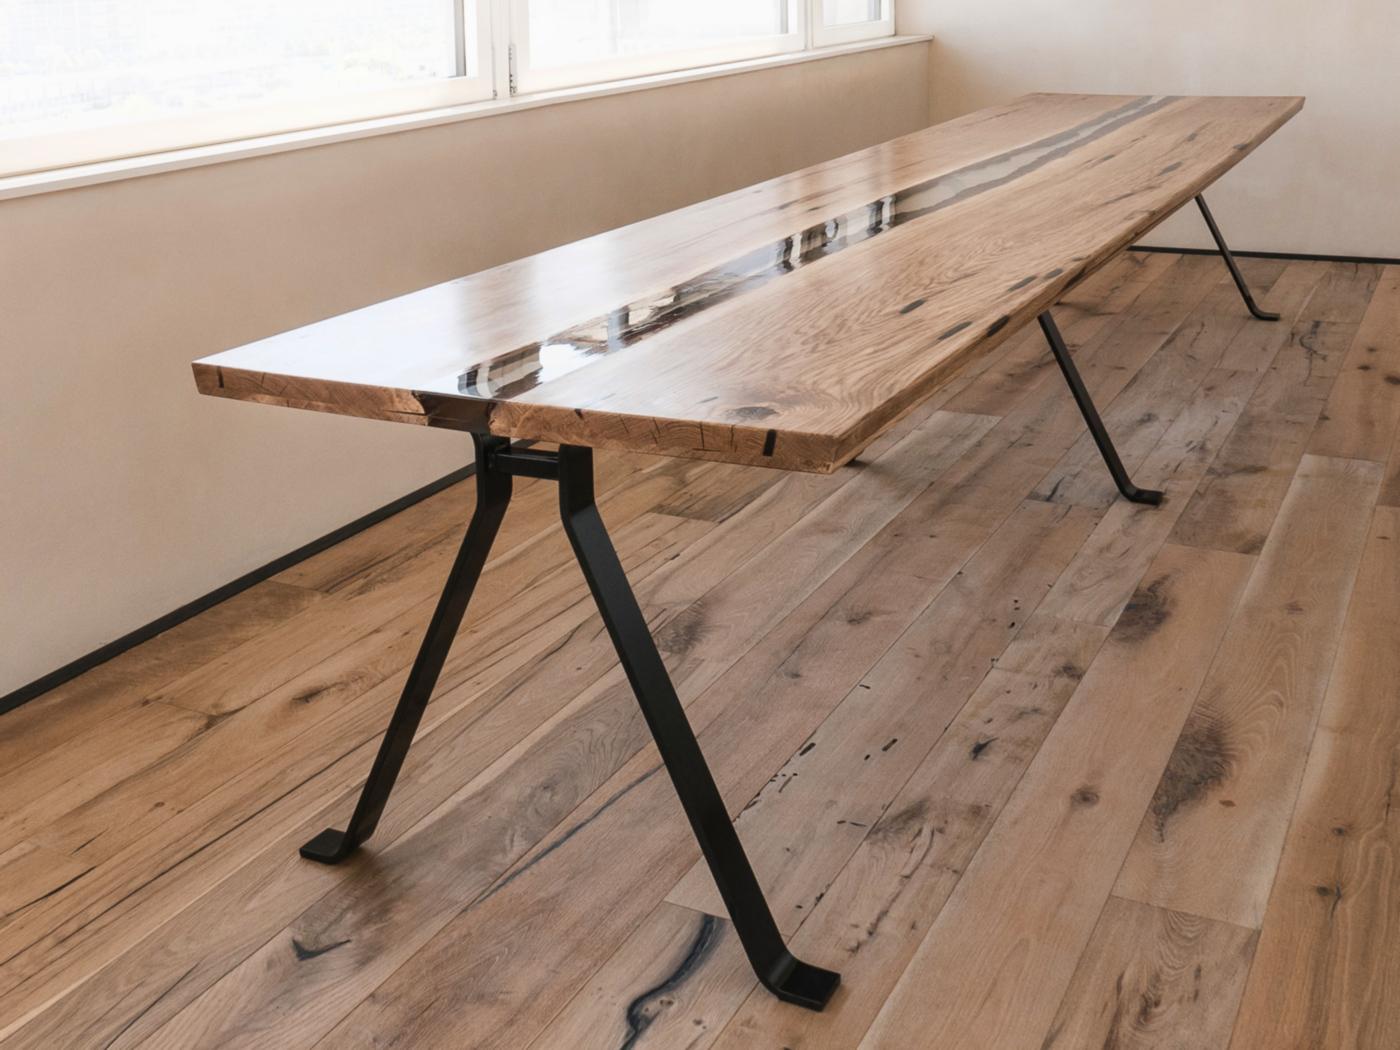 Un tavolo di design in rovere massiccio e resina, poetico e evocativo come un viaggio. Il tavolo si appoggia a tre gambe che omaggiano Enzo Mari | Bottega di Architettura